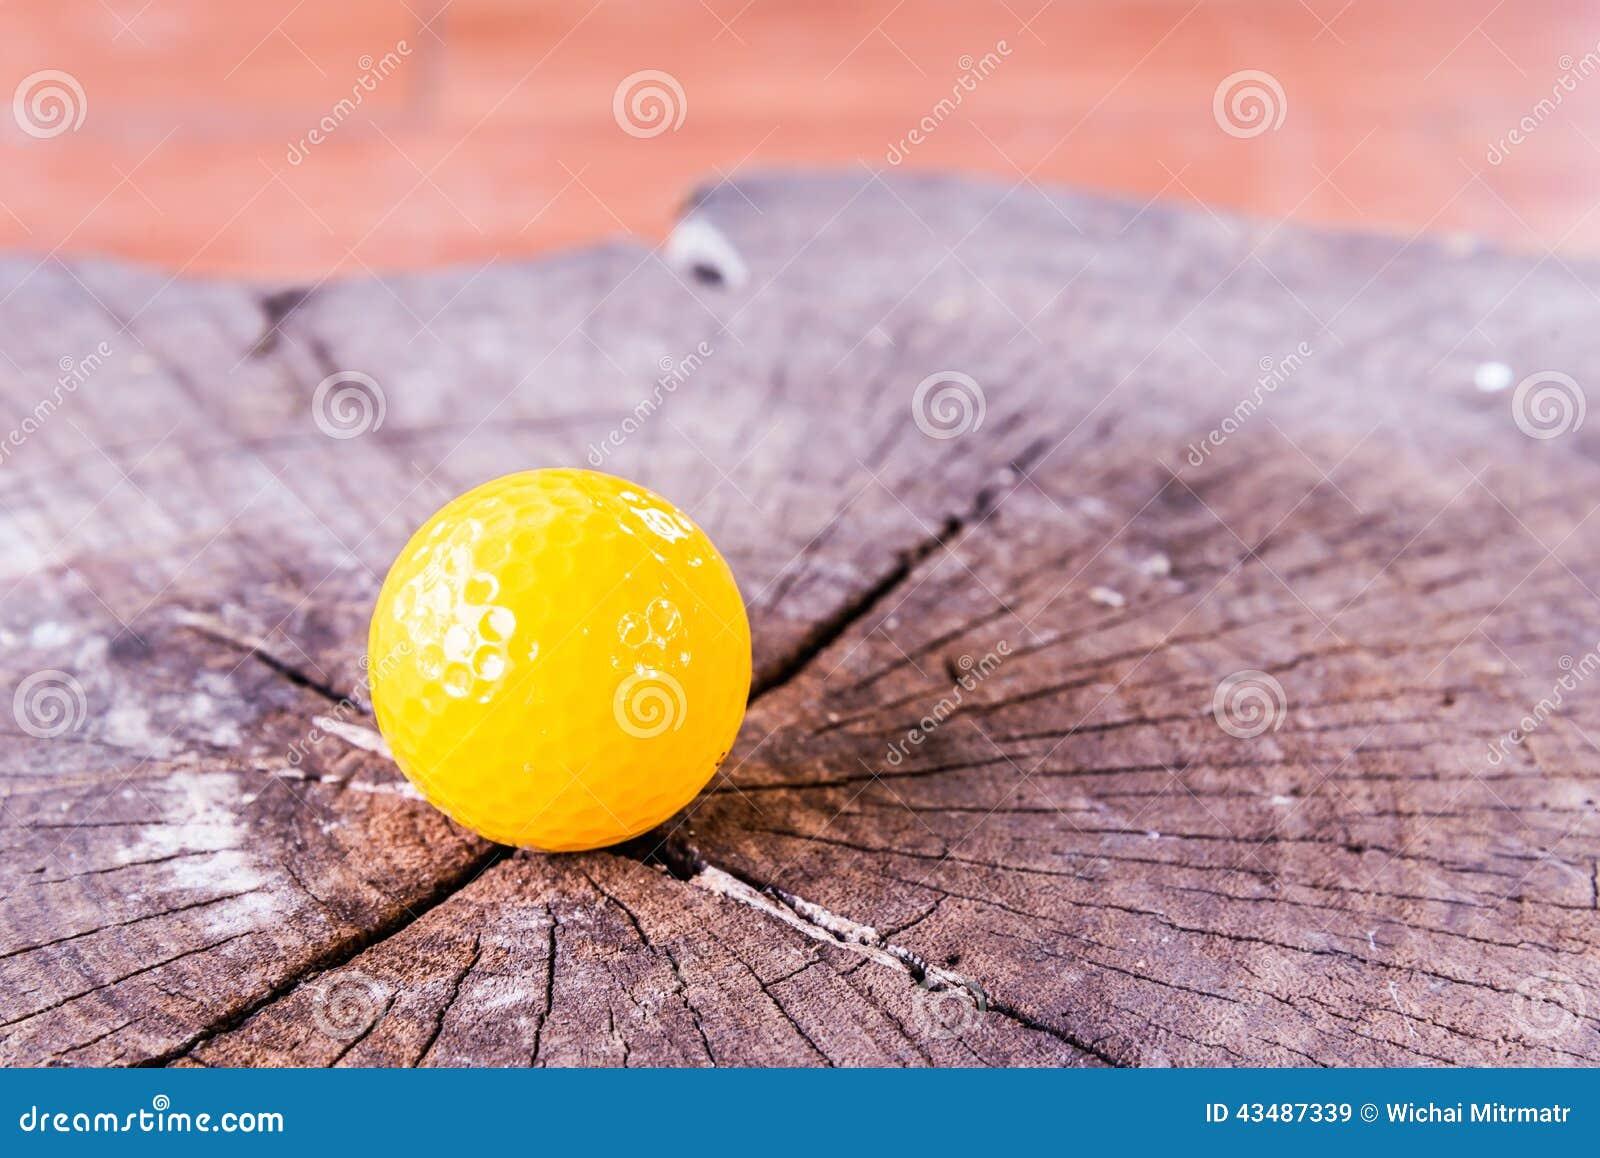 Bola de mini golfe amarela no fundo de madeira